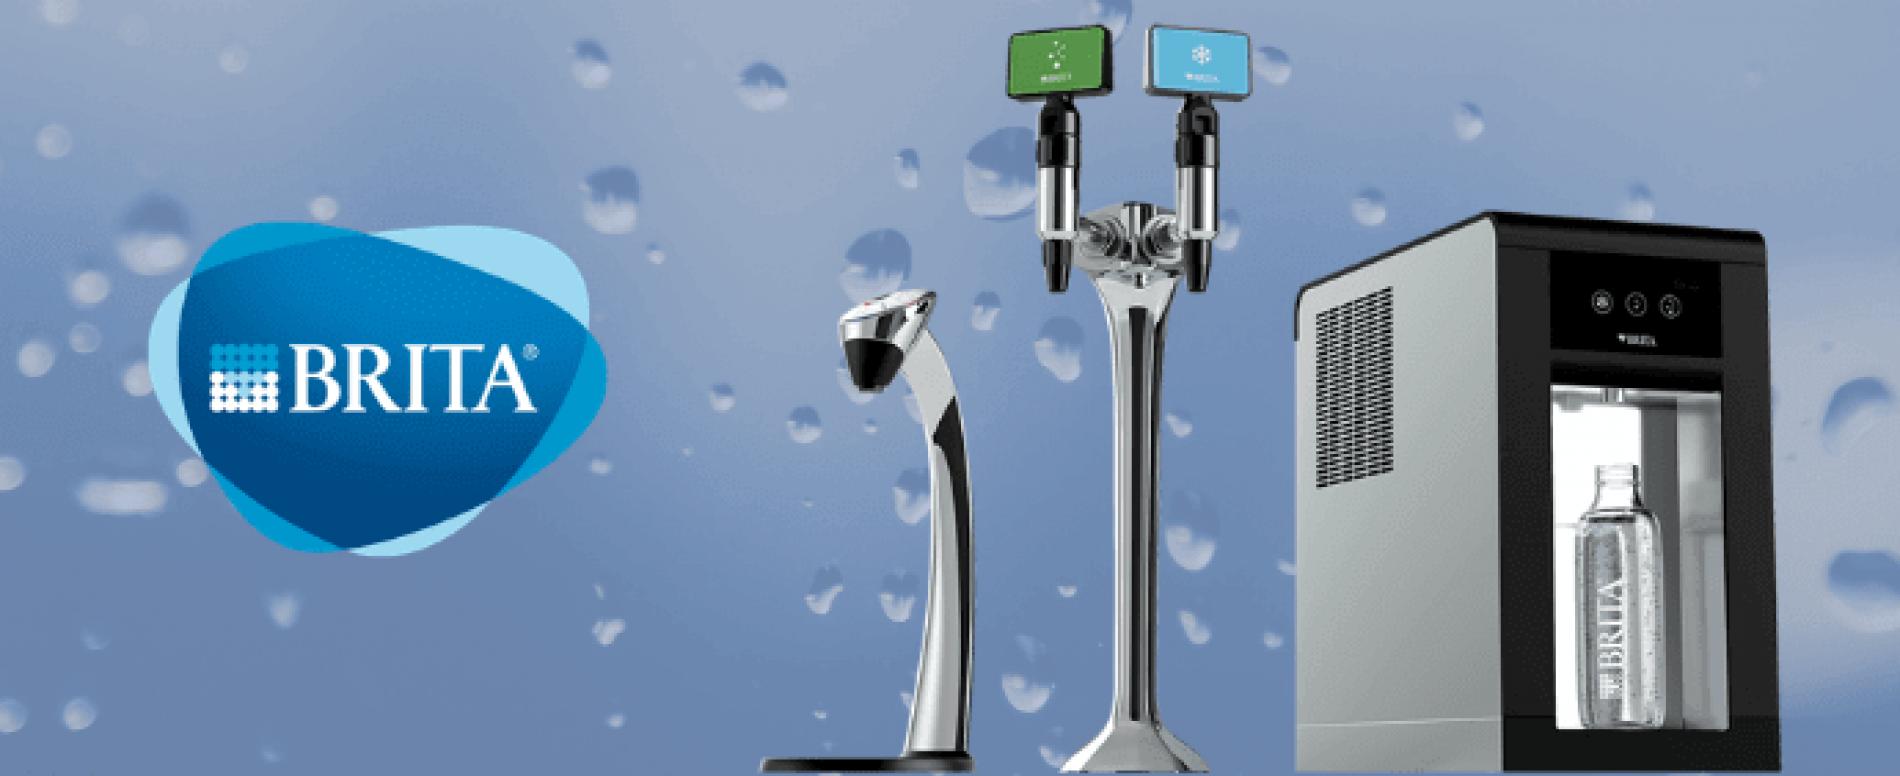 Brita apre a Varese un sito per la produzione di erogatori d'acqua